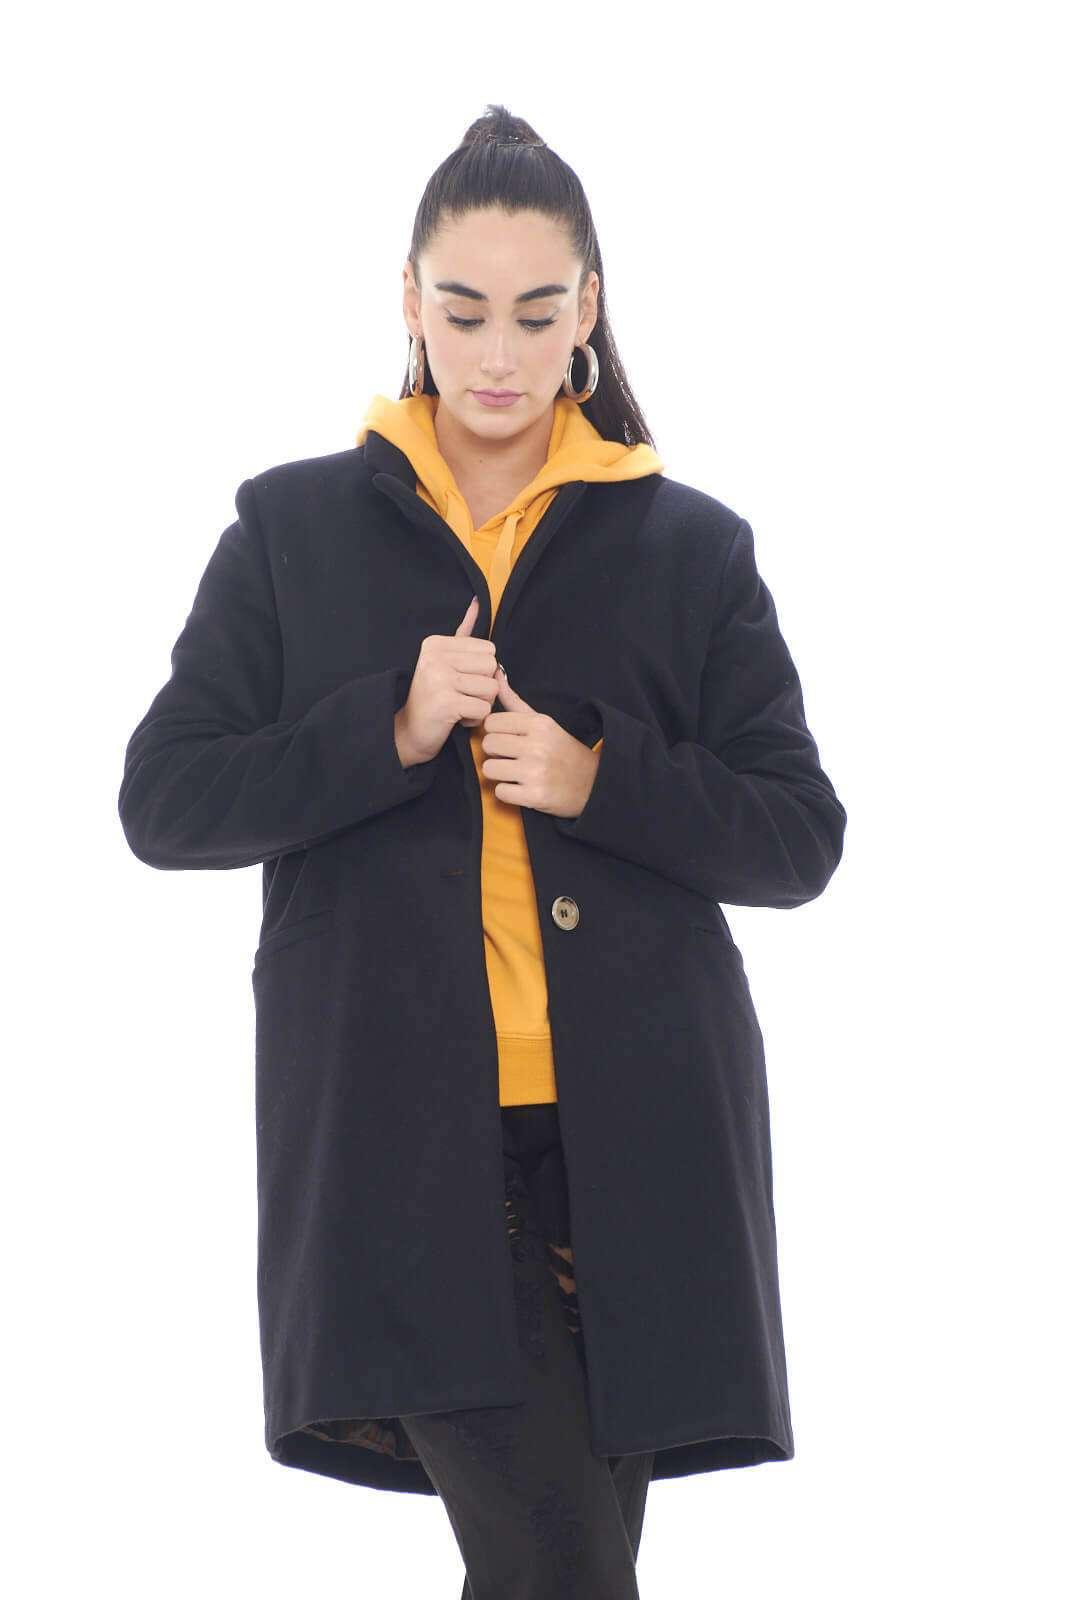 Un cappotto di classe, semplice, ma che nella sua semplicità, garantisce un look chic e attuale. Un'icona del guardaroba invernale maschile e femminile, il cappotto, presentato in un modello senza troppe decorazioni, ma che riuscirà comunque a stupire per il suo stile. Realizzato in lana vergine, assicurerà oltre che un'aspetto esclusivo, comfort e calore.  La mdoella è alta 1,78m e indossa la taglia 42.